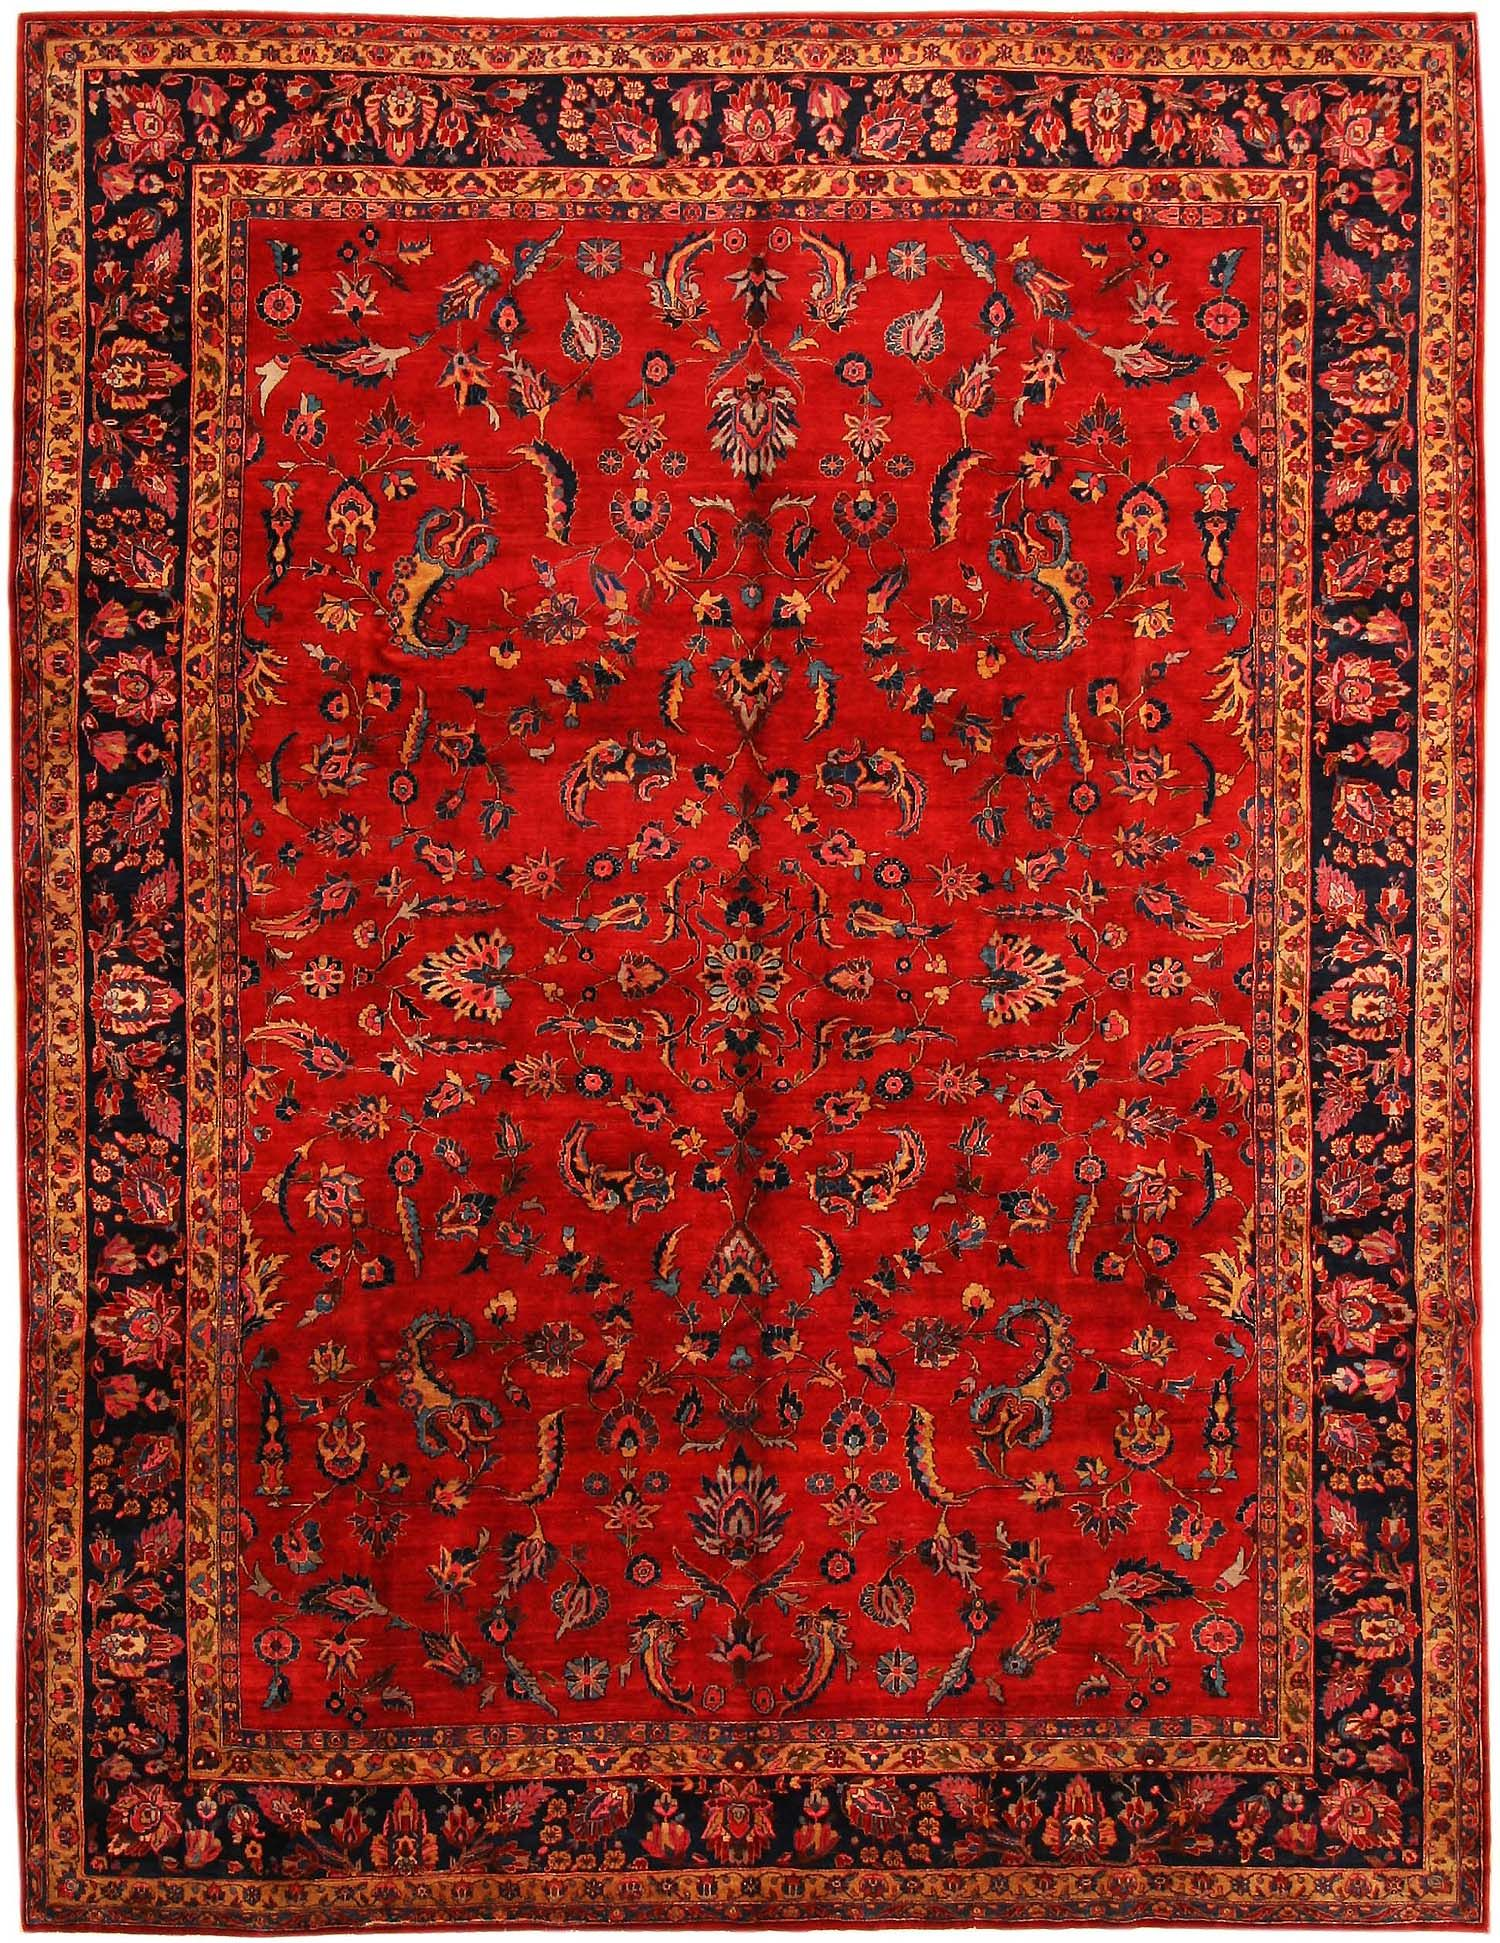 Antique sarouk persian rugs 43524 by nazmiyal nazmiyal antiquerugs vintagerugs orientalrugs